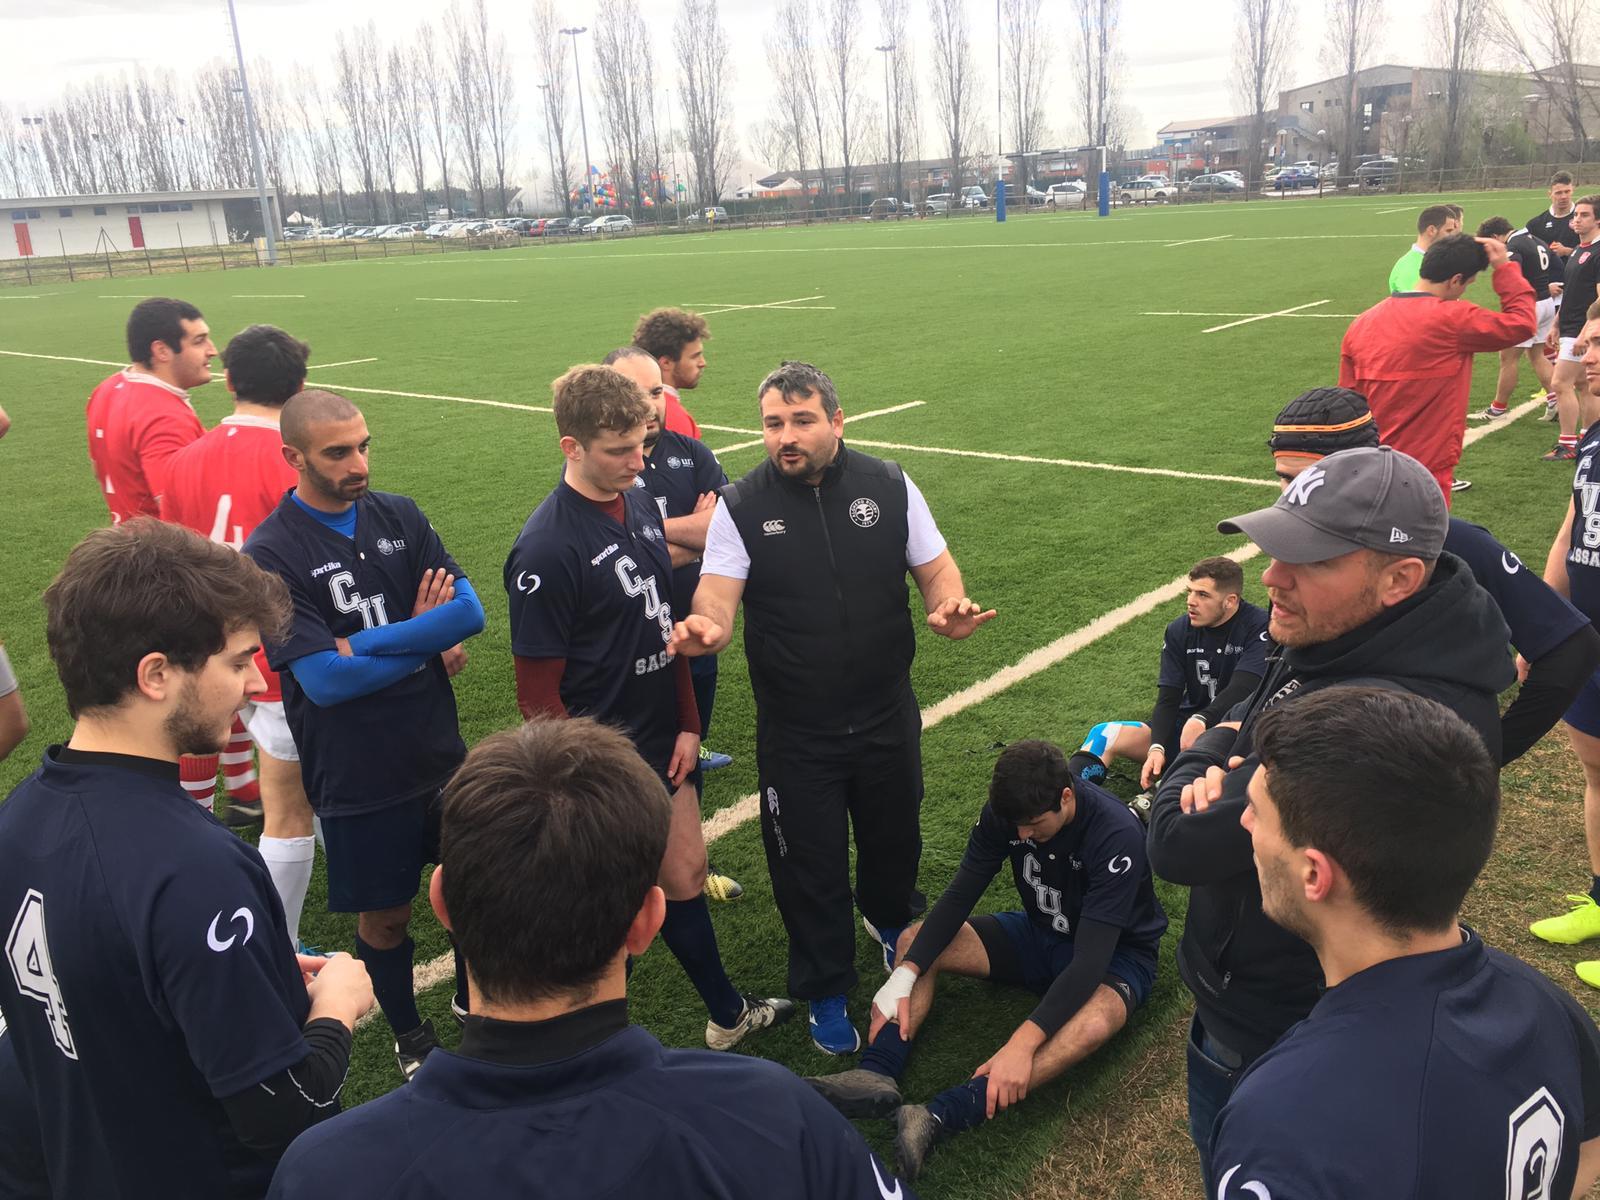 Il Cus Sassari rugby a 7 saluta con onore i CNU 2019